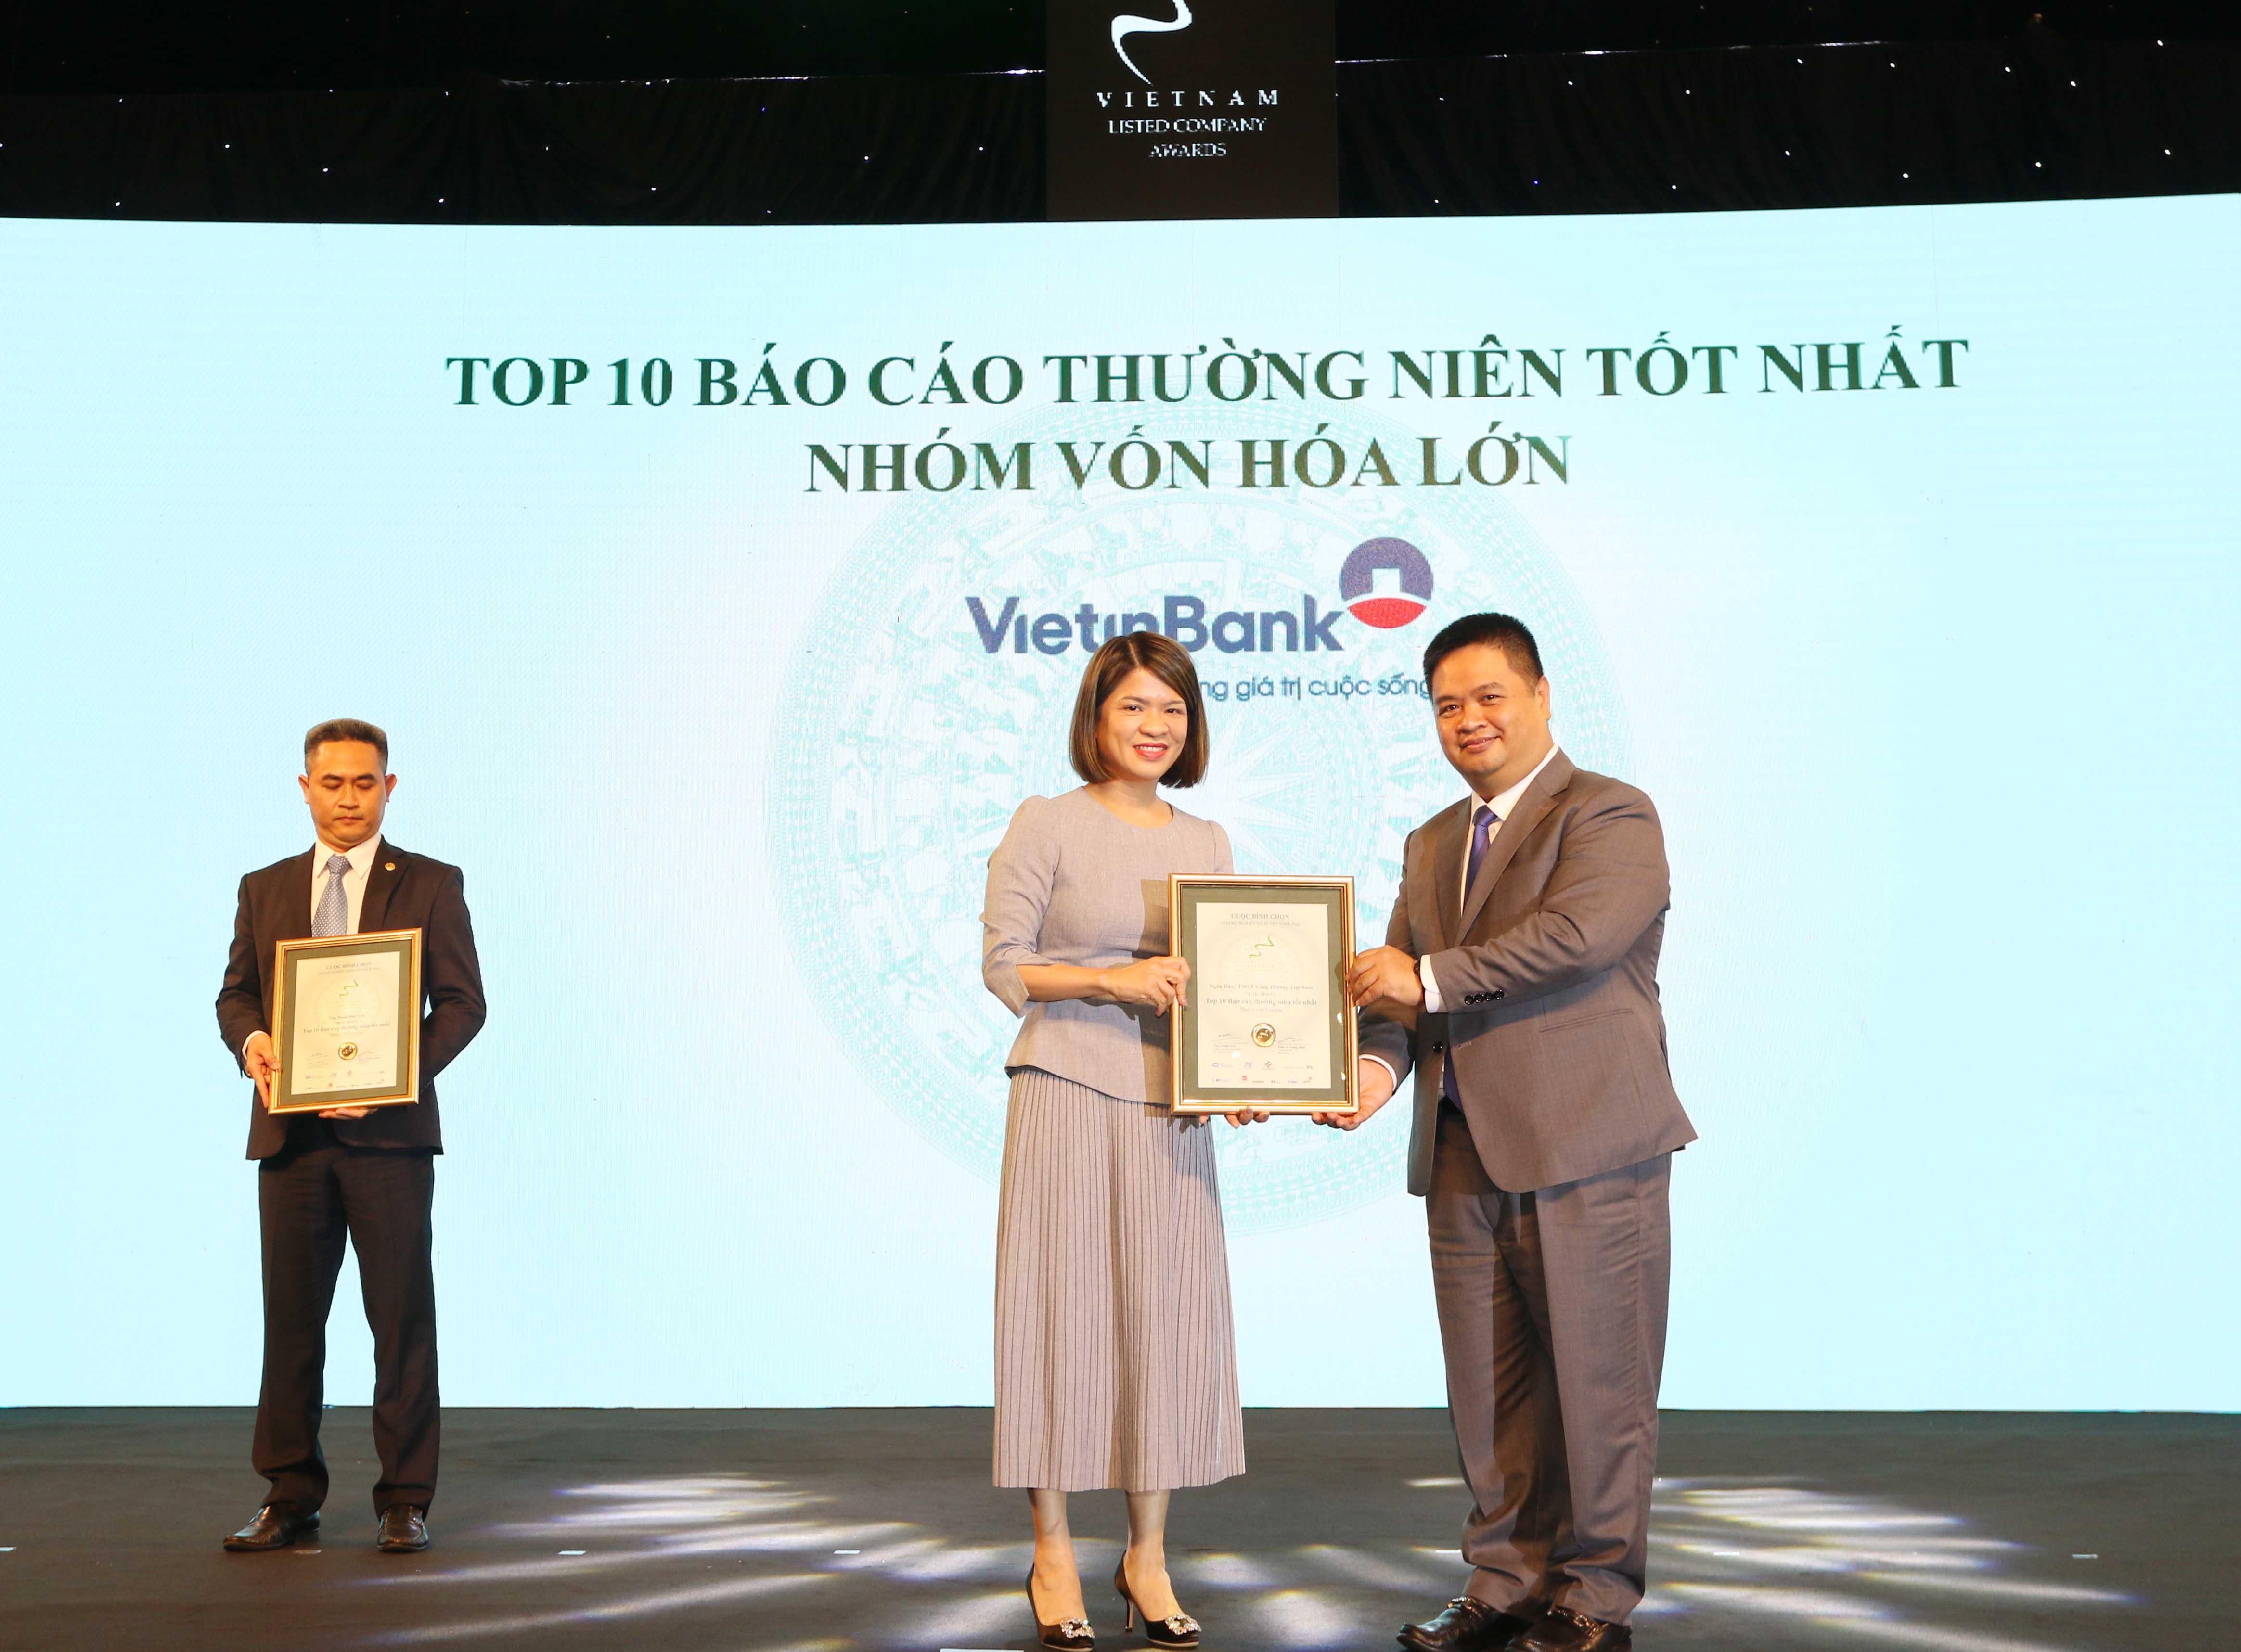 https://www.aravietnam.vn/wp-content/uploads/2020/12/28_Dại-diện-Viettinbank-nhận-TOP-10-DNNY-nhóm-vốn-hóa-lớn-có-BCTN-tốt-nhất..jpg